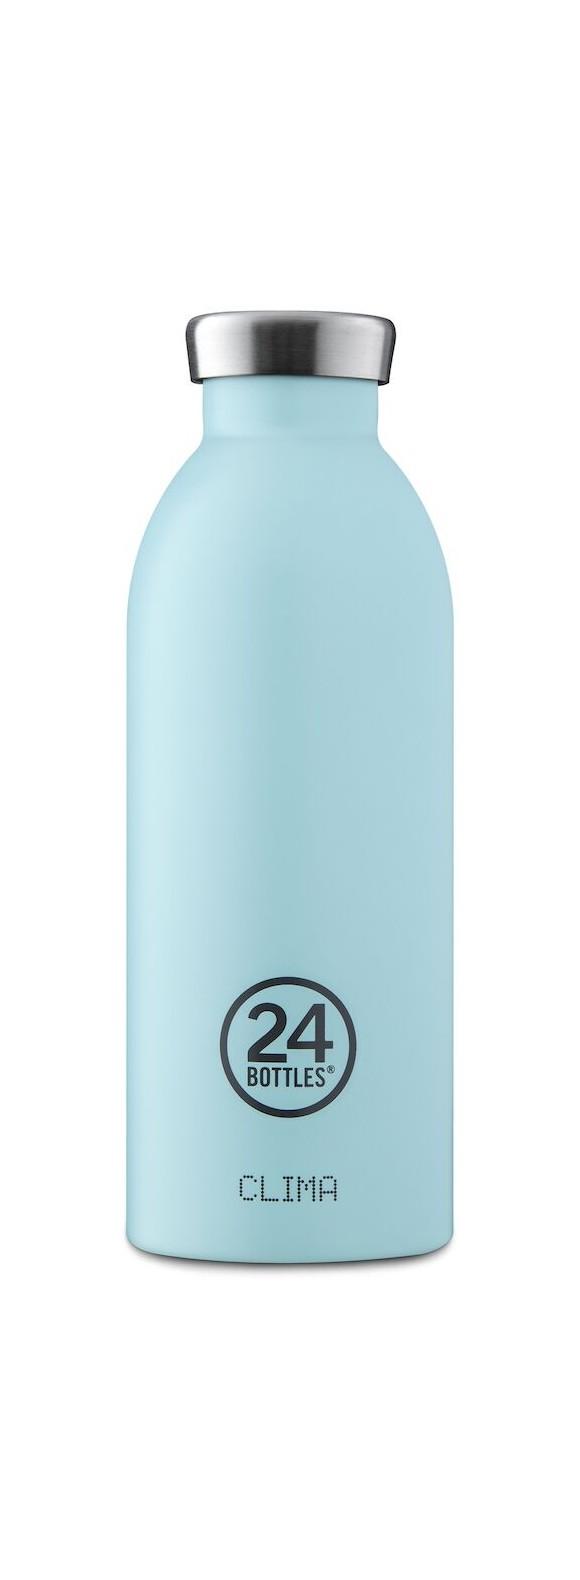 24 Bottles - Clime Bottle 0,5 L - Sky Blå